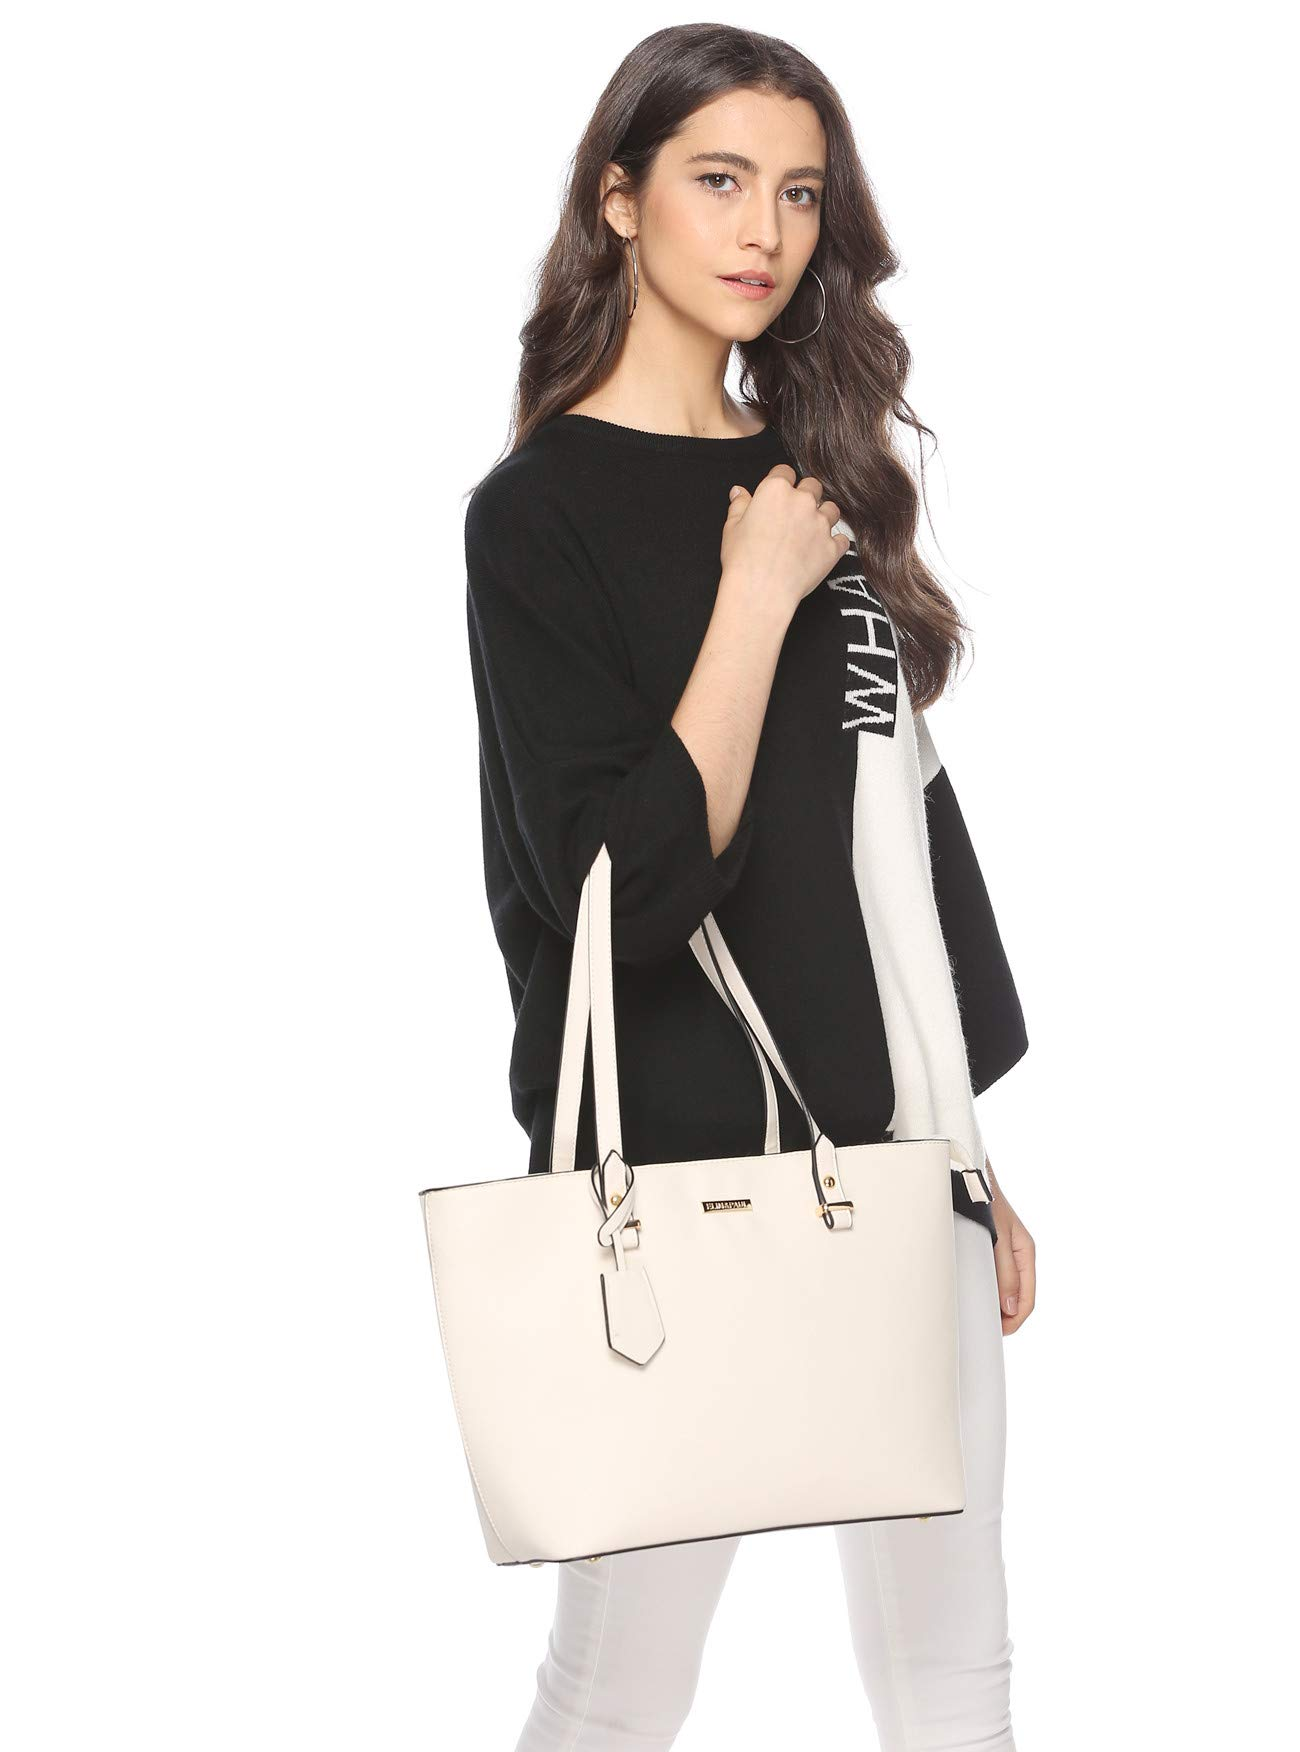 ELIMPAUL Women Fashion Handbags Tote Bag Shoulder Bag Top Handle Satchel Purse Set 4pcs by ELIMPAUL (Image #6)